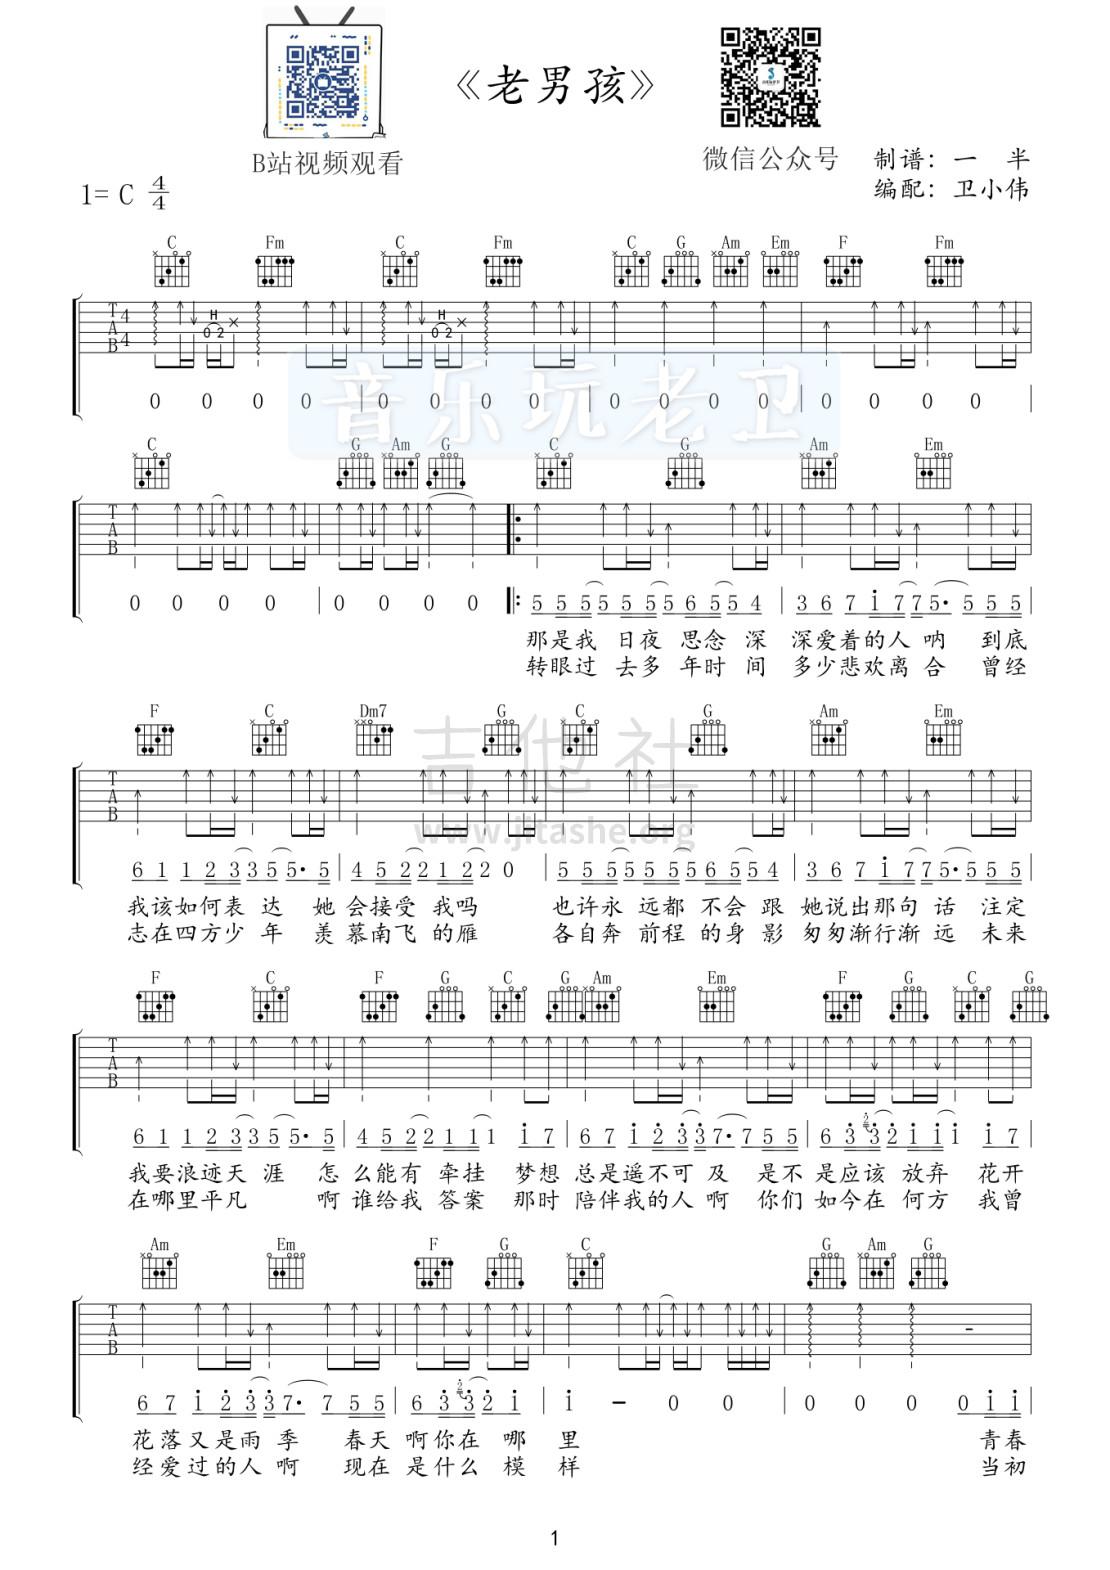 老男孩(音乐玩老卫)吉他谱(图片谱,弹唱)_筷子兄弟(肖央;王太利)_1